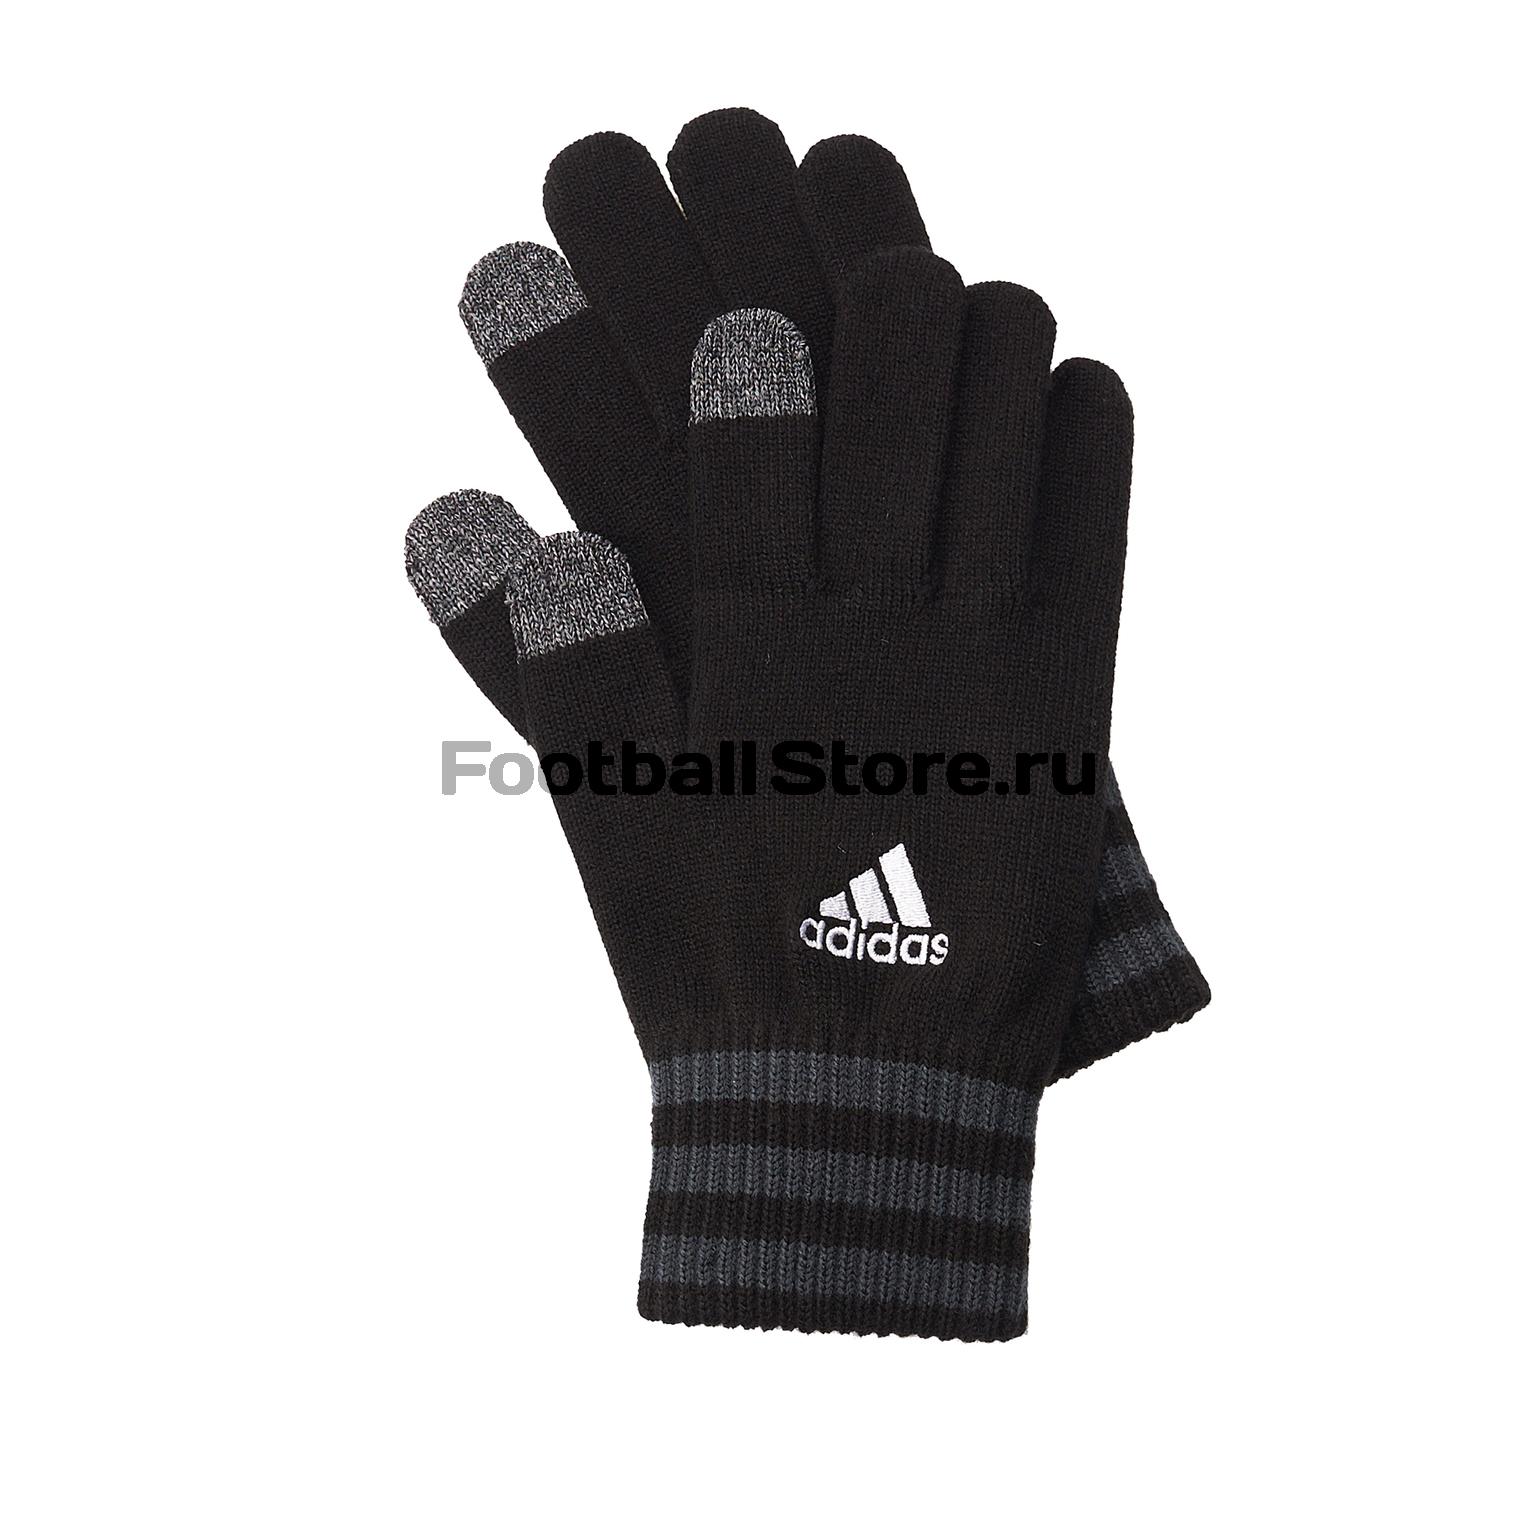 Перчатки тренировочные Adidas Tiro Glove B46135 рюкзак adidas tiro ballnet b46132